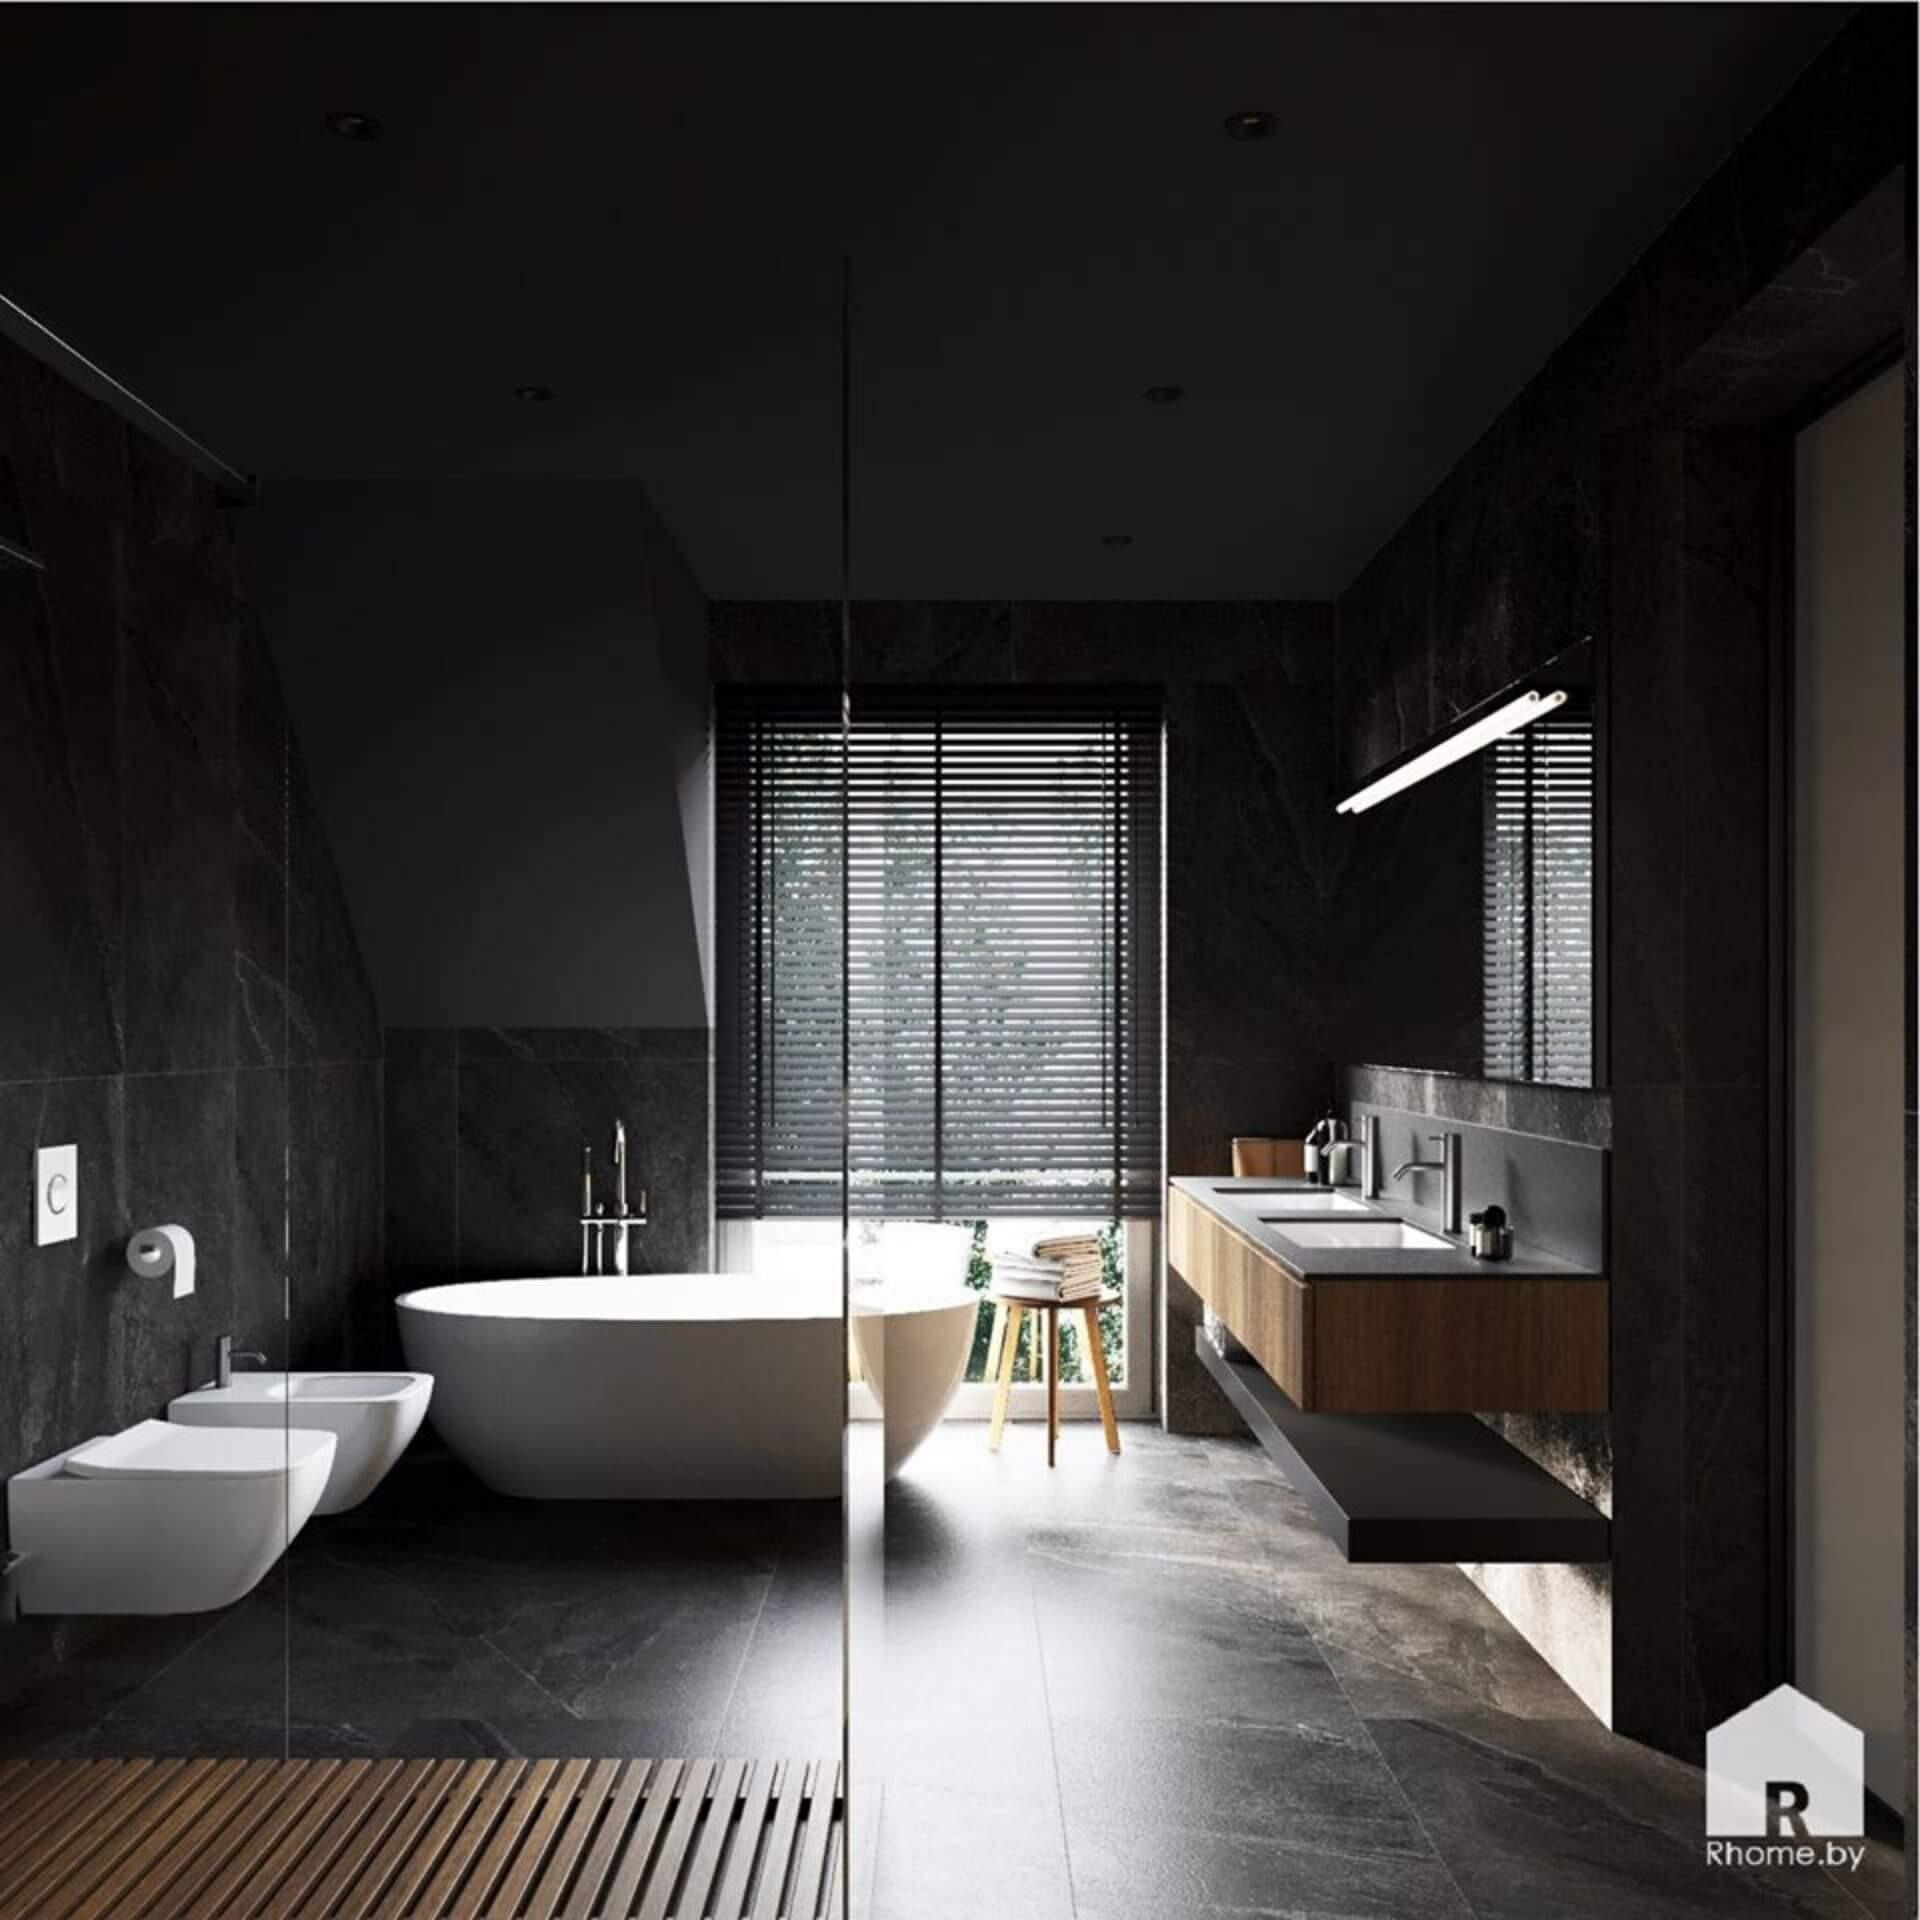 Ванная комната с большой душевой и окном в темных тонах. В центре - отдельностоящая белая ванна, по правой стороне зеркало с умывальниками.